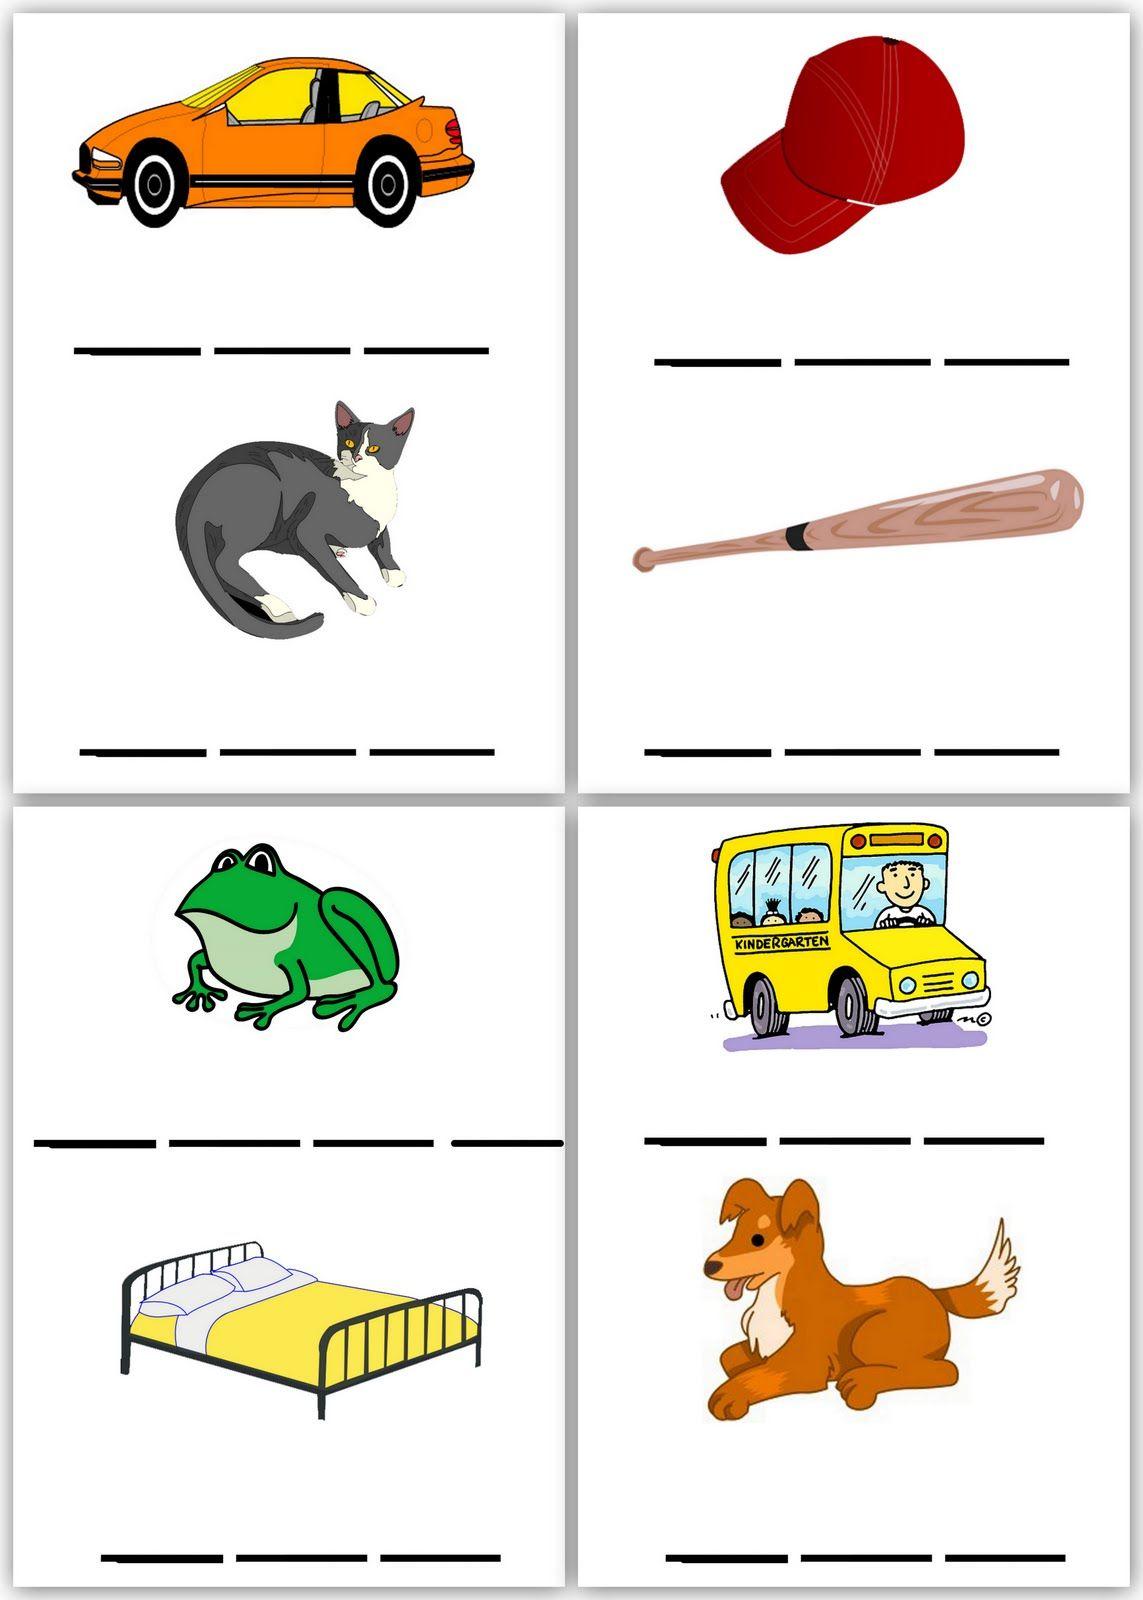 Lawteedah Spelling Worksheets Set 1 Spelling Worksheets Kindergarten Language Arts Preschool Literacy [ 1600 x 1143 Pixel ]